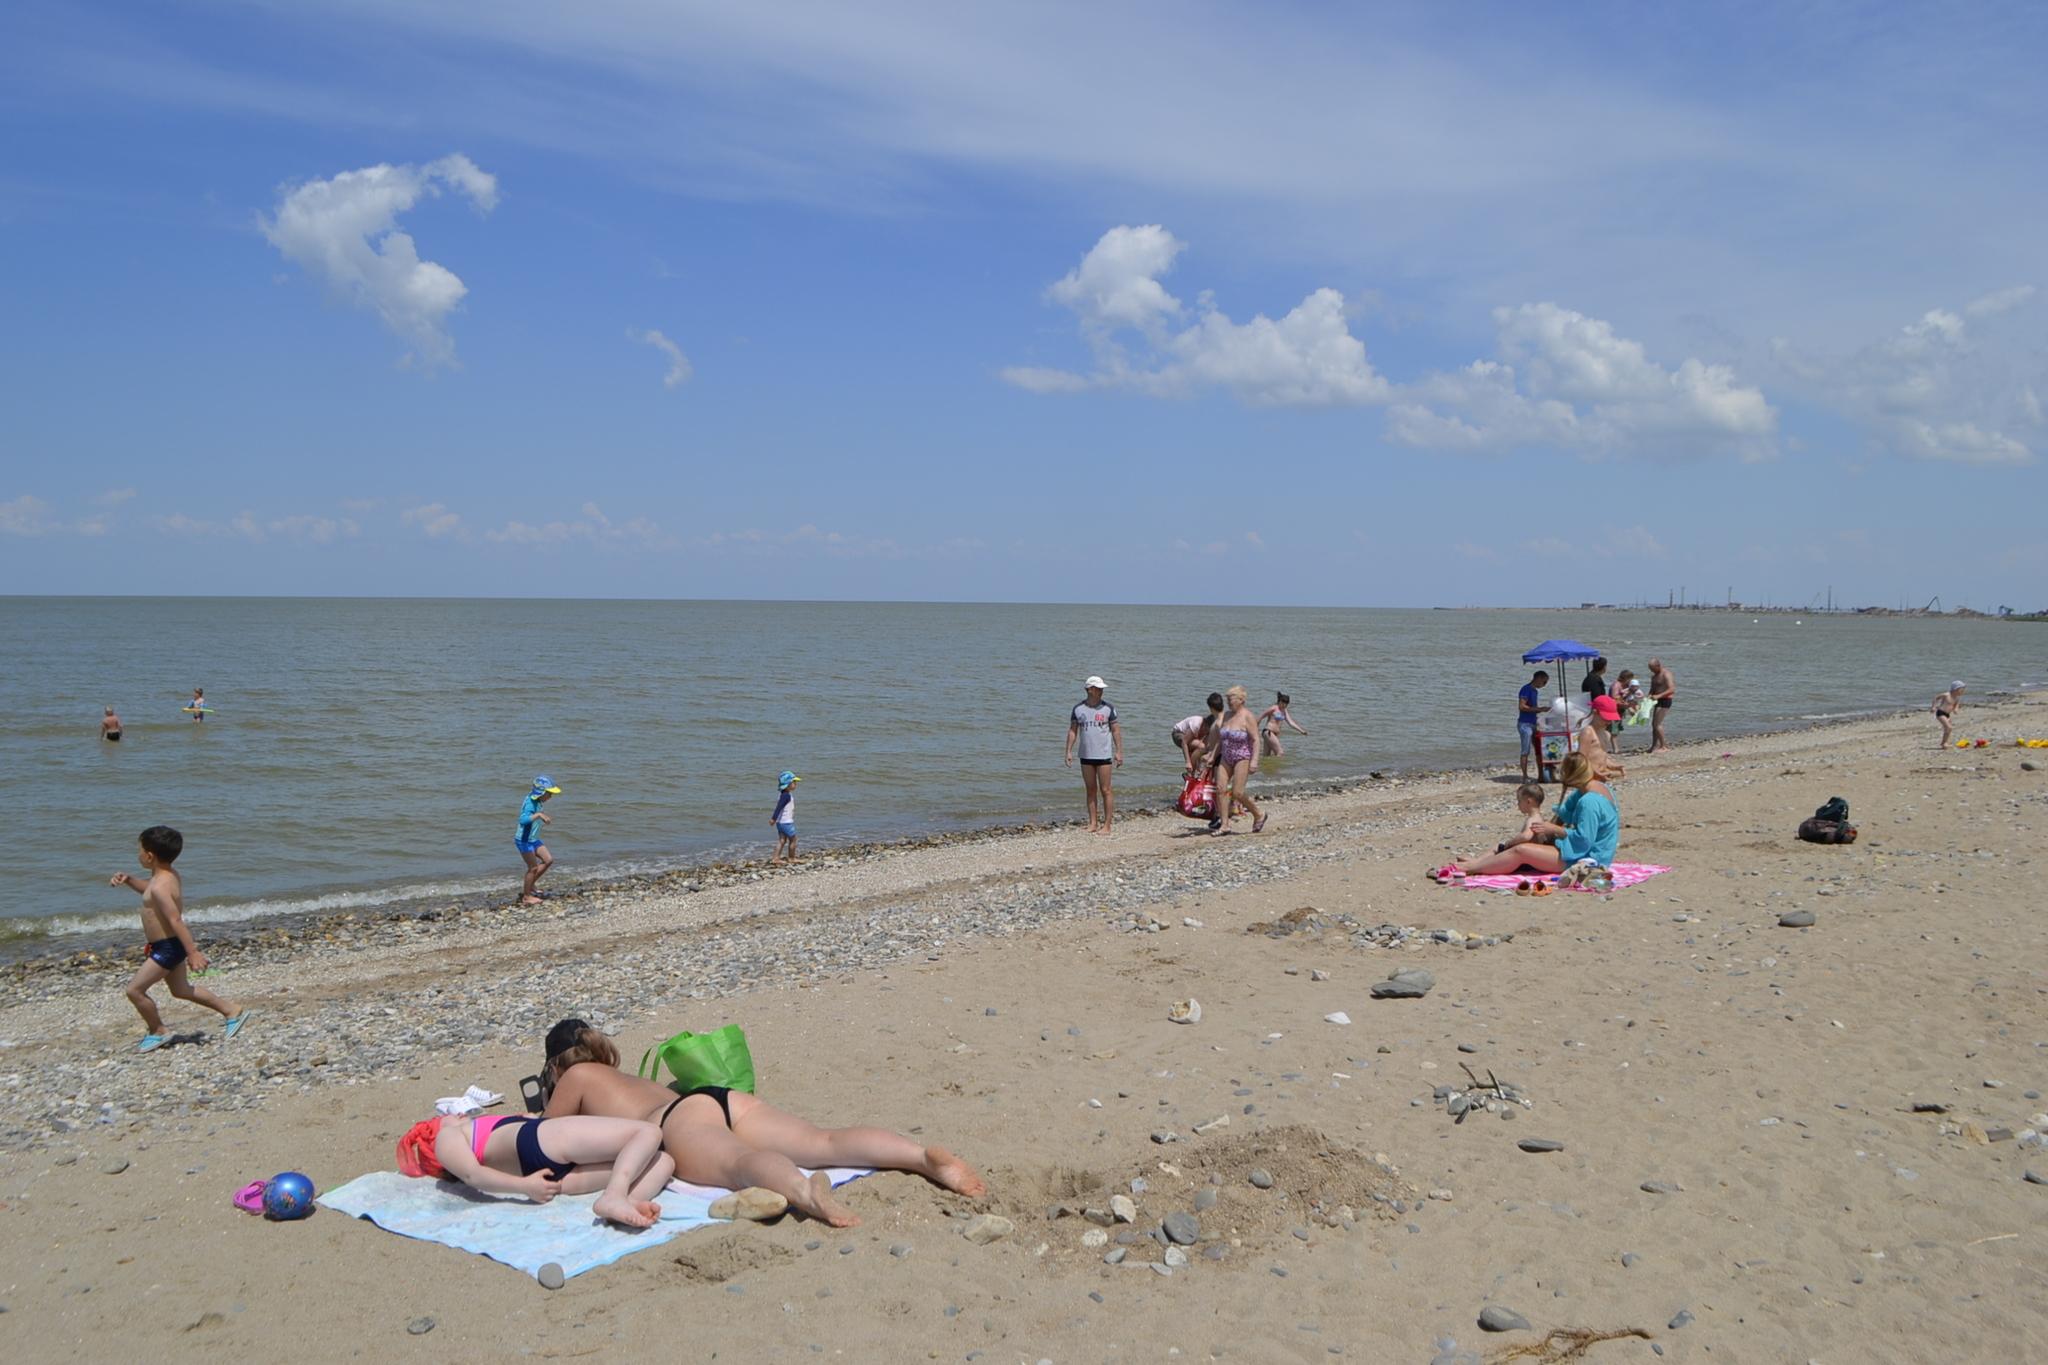 Амиго плаза гоа фото пляж счастлив